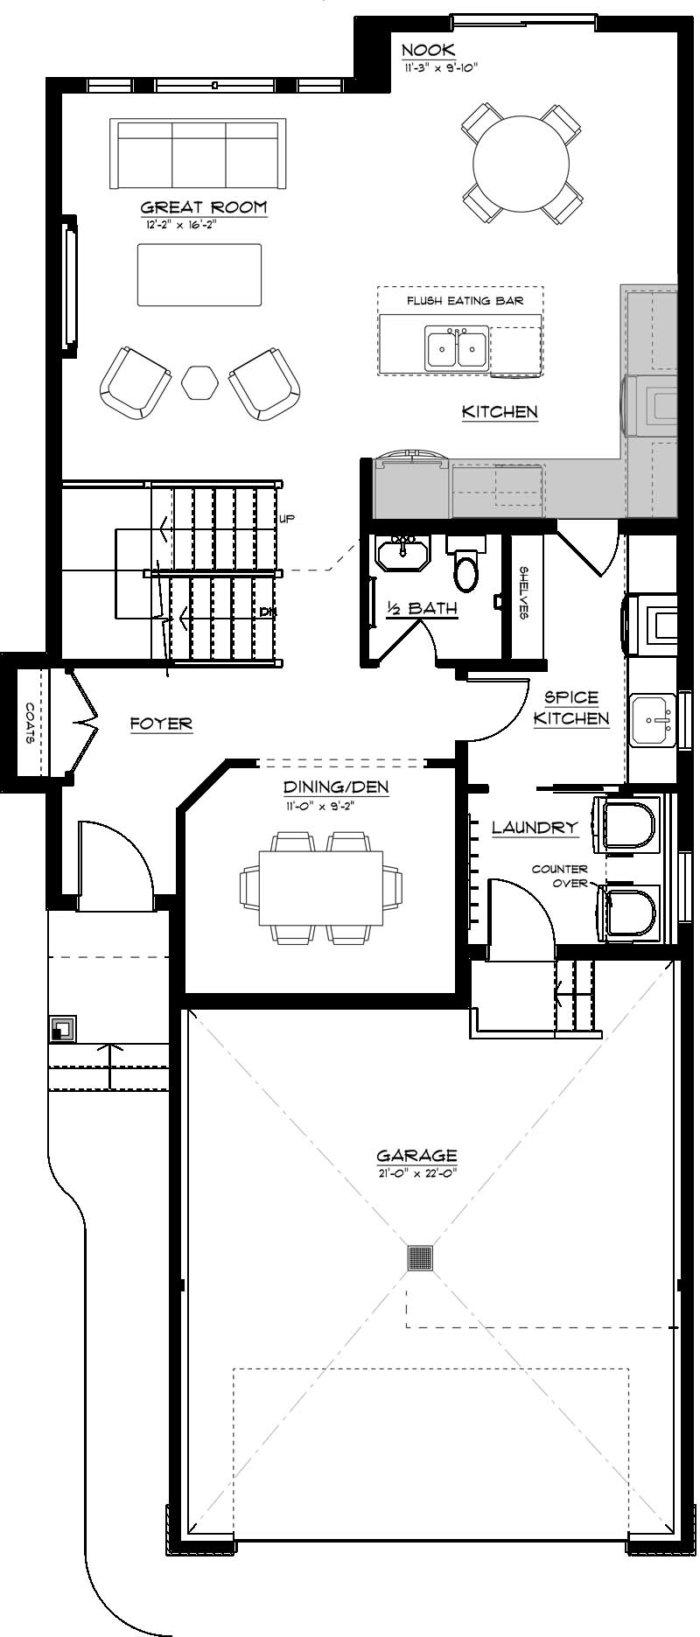 Newport II Main Floor Spice Kitchen